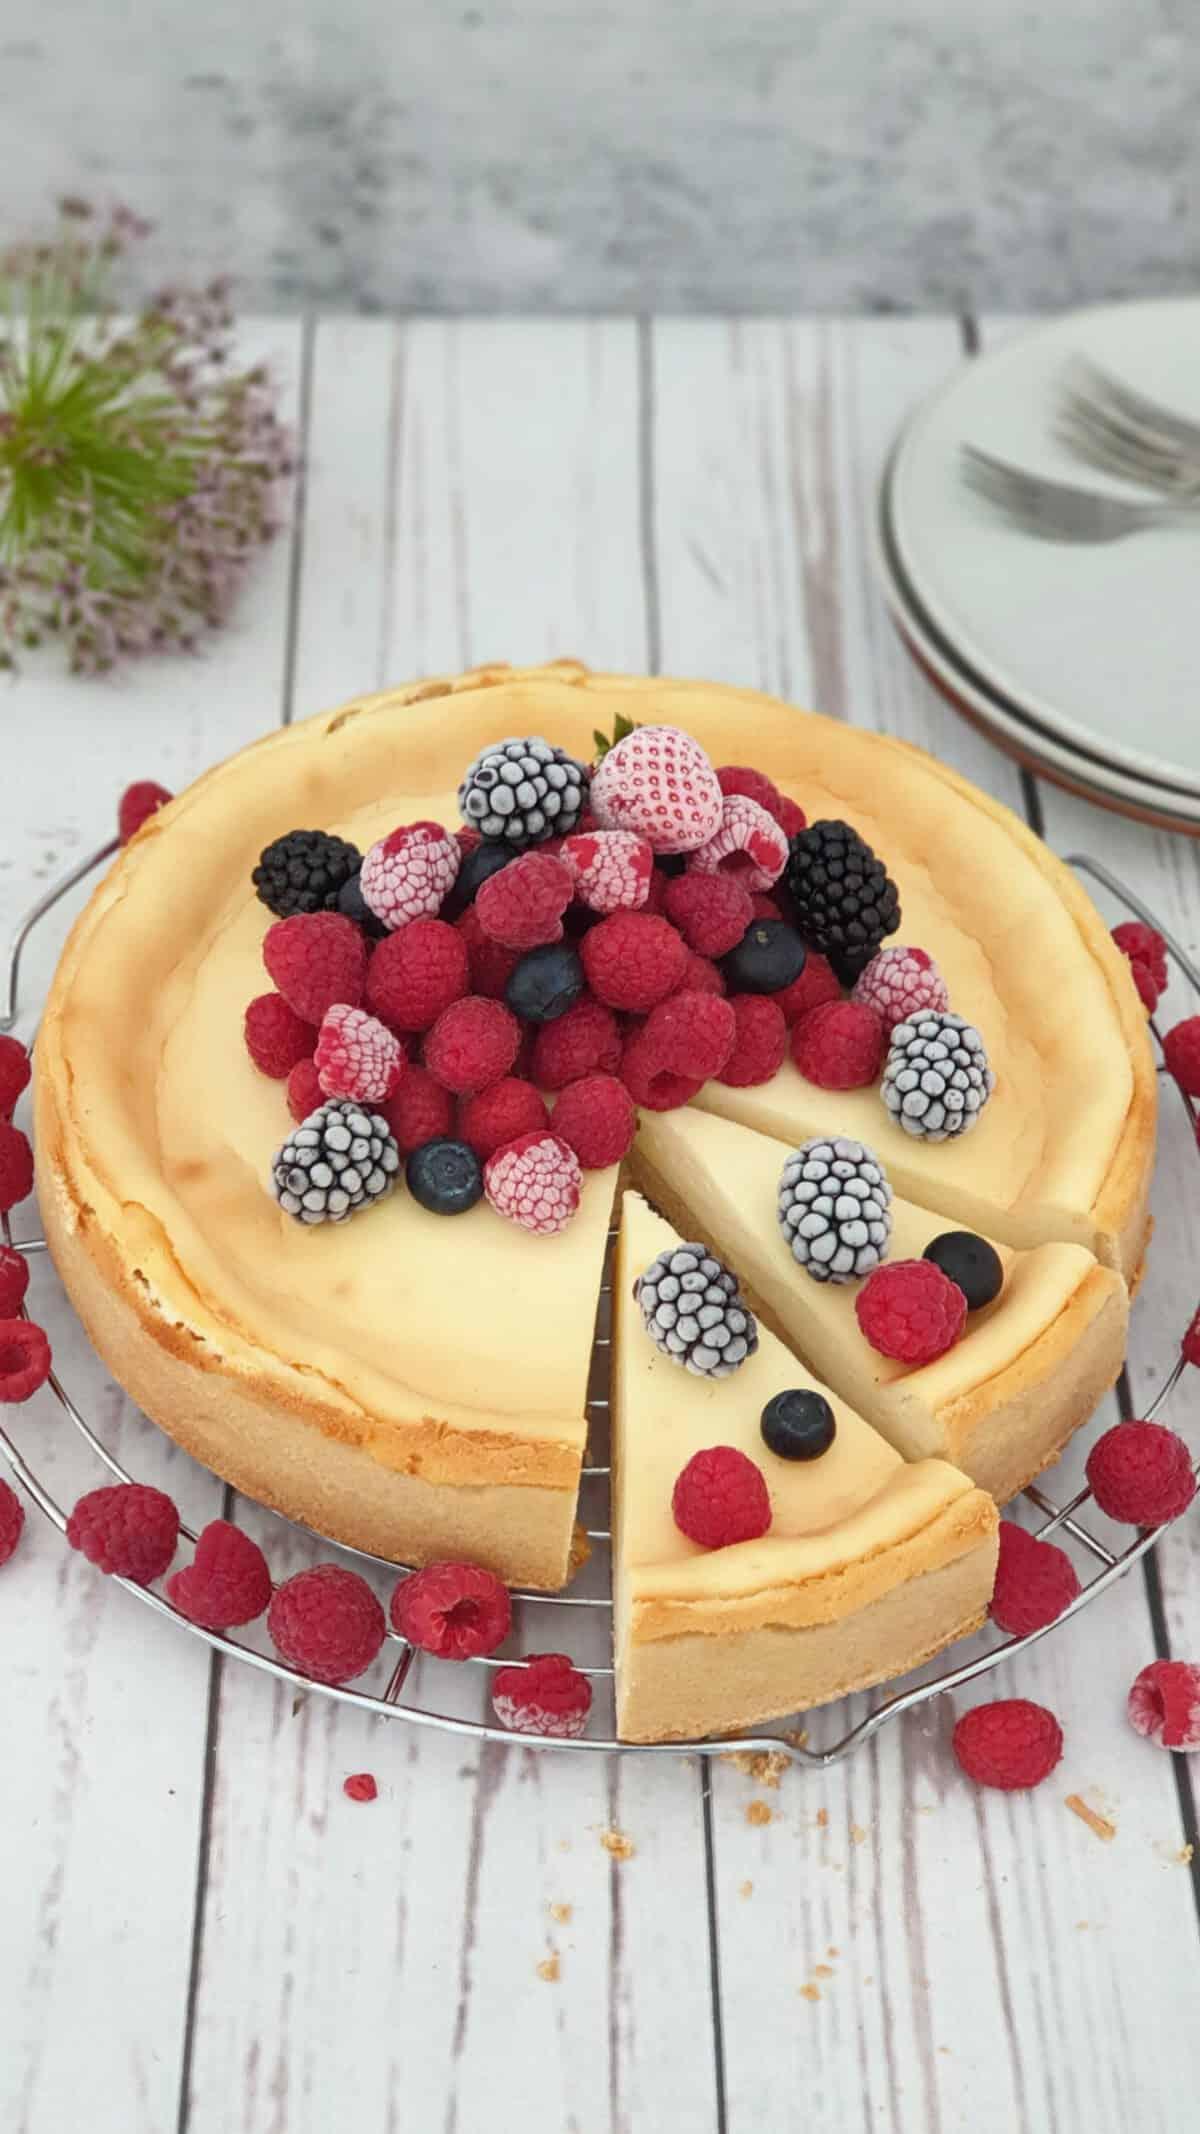 Auf einem Kuchenrost ein Cheesecake mit frischen Beeren und Früchten.. Im Hintergrund Deko.